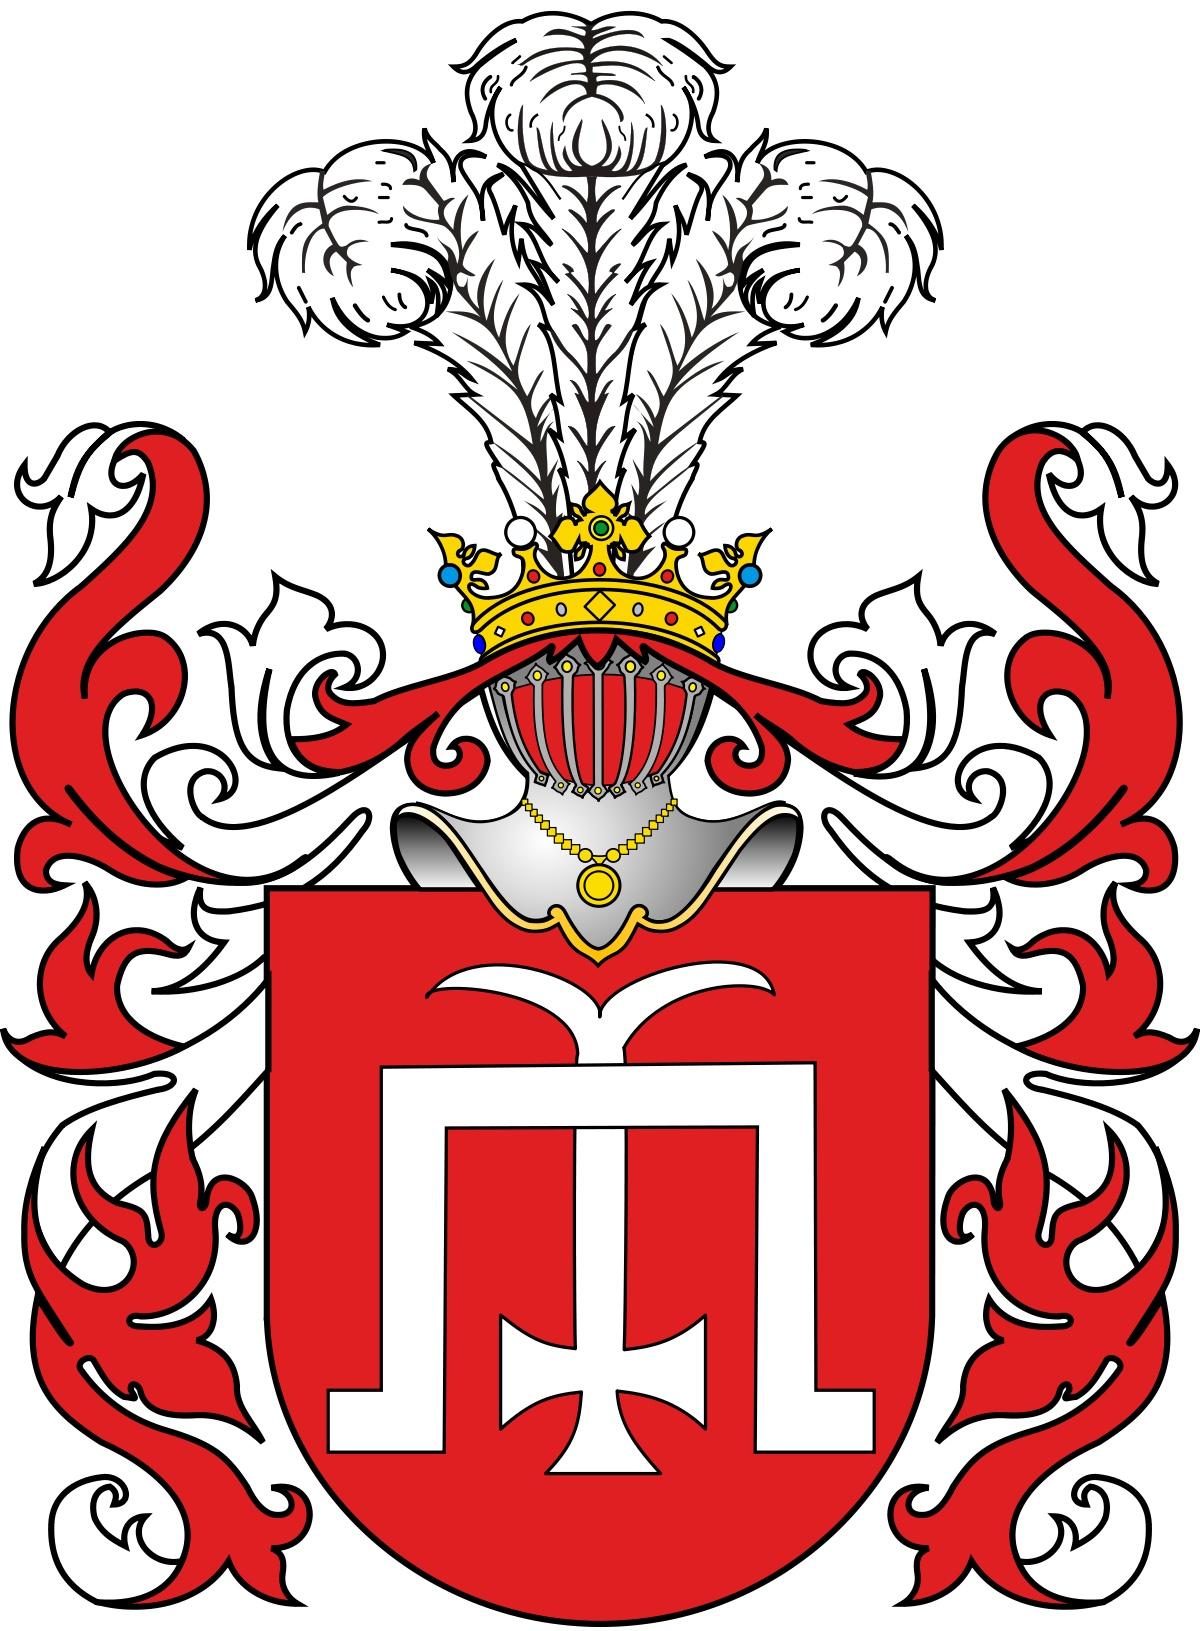 Герб князей Глинских в традиционных для Польши и Литвы красном и белом цвете